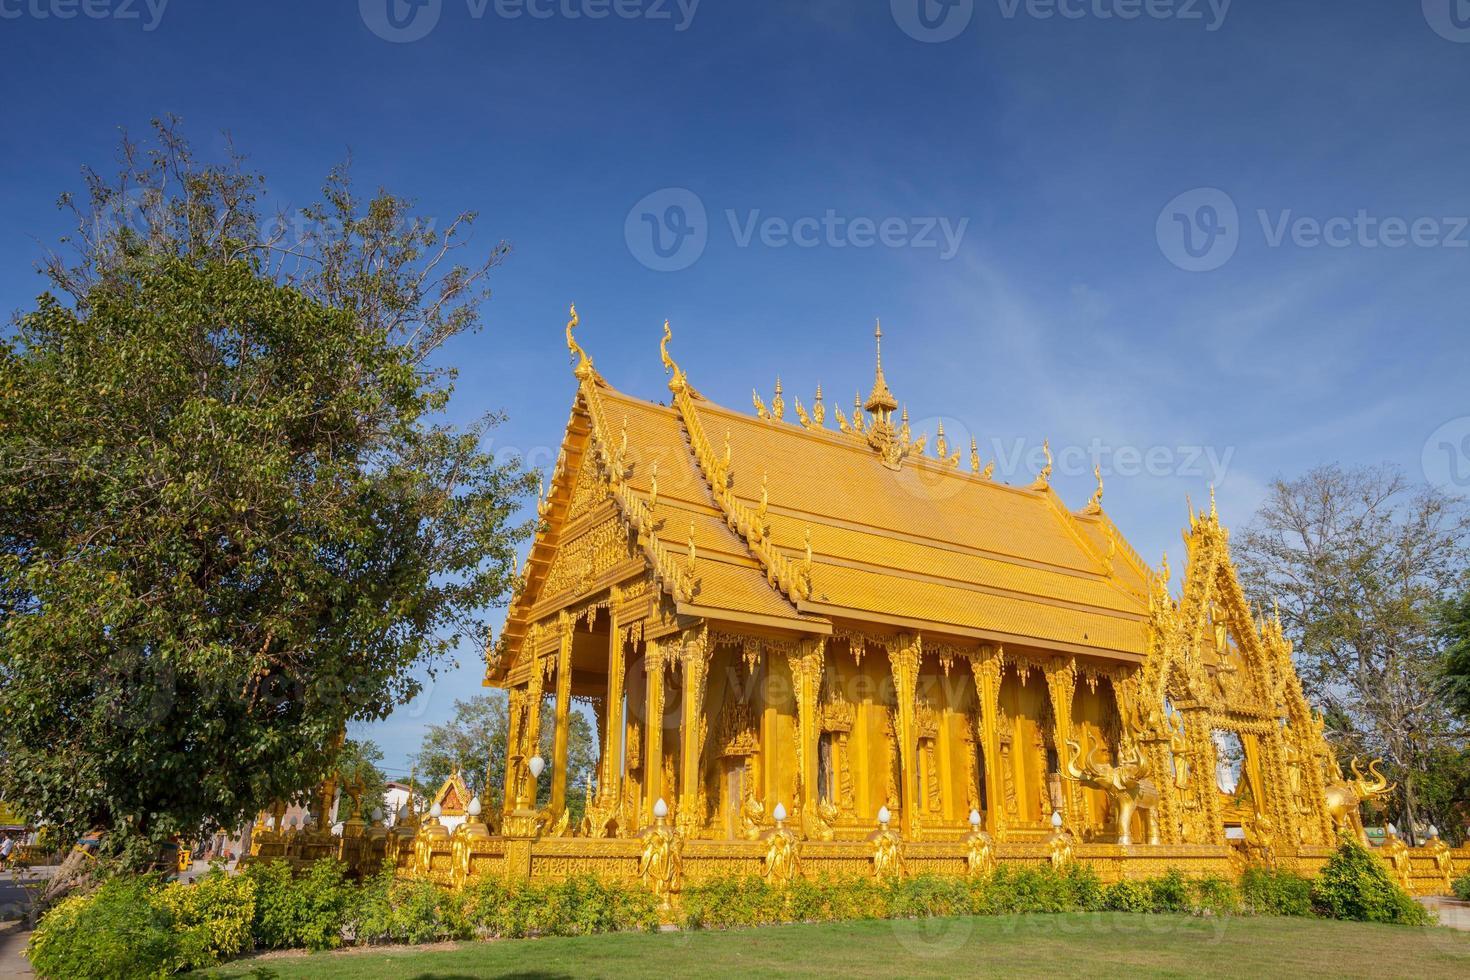 Chachoengsao, Thaïlande, 2020 - le temple wat paknam jolo sous un ciel bleu photo